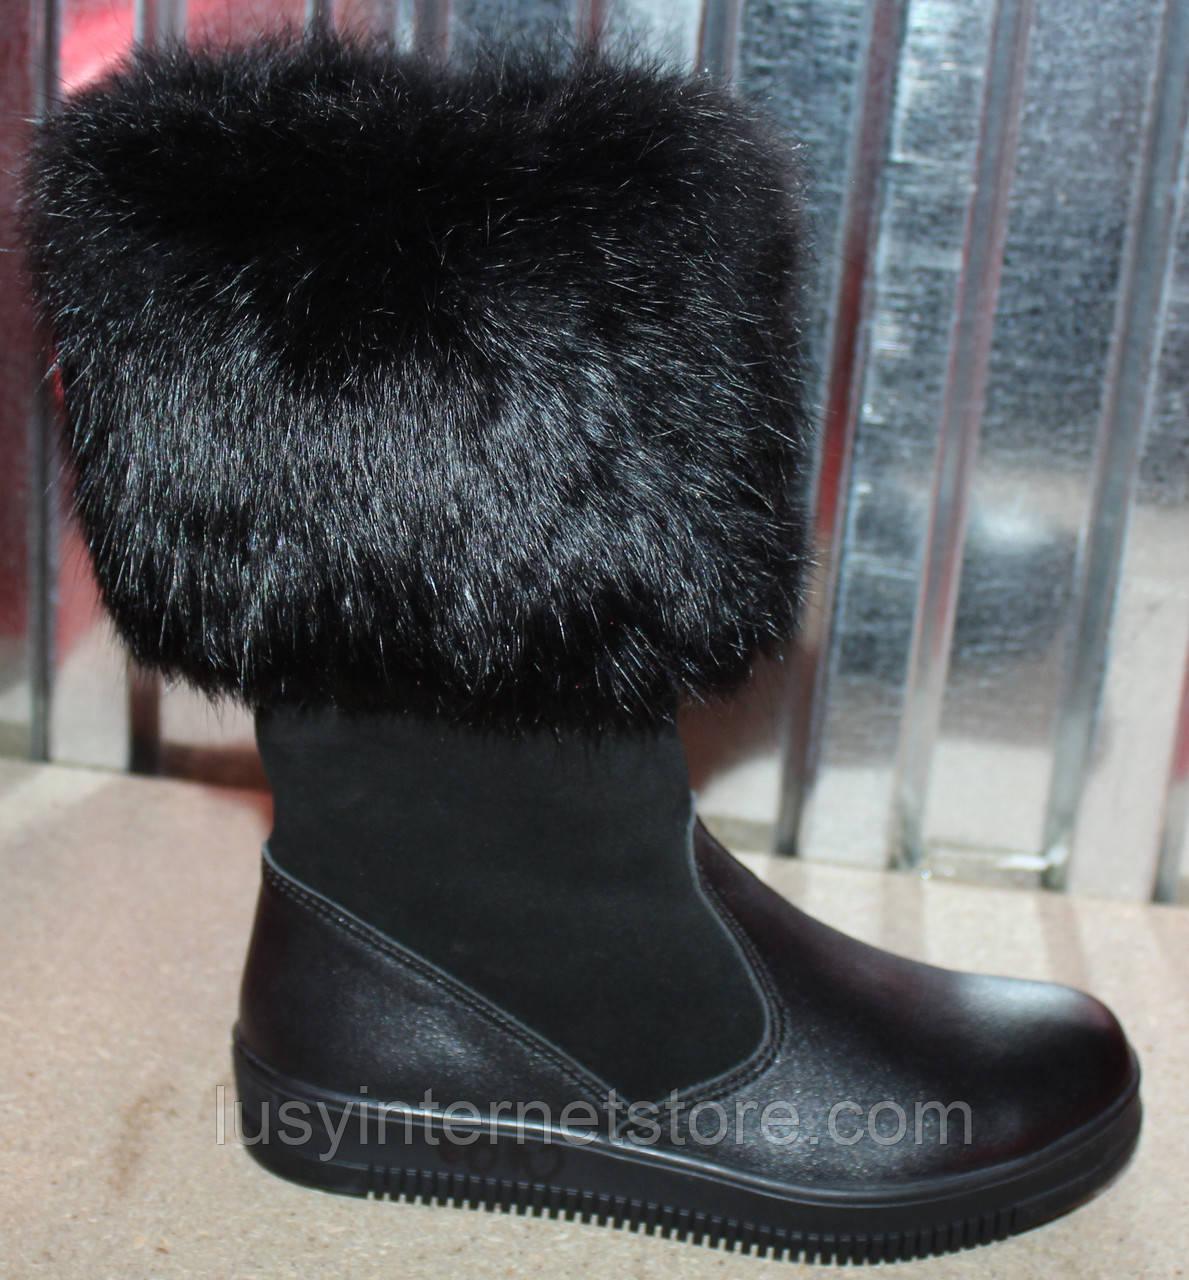 969e32202 Детские сапоги высокие замшевые зимние, замшевая детская обувь зимняя от  производителя модель ДЖ6010-2